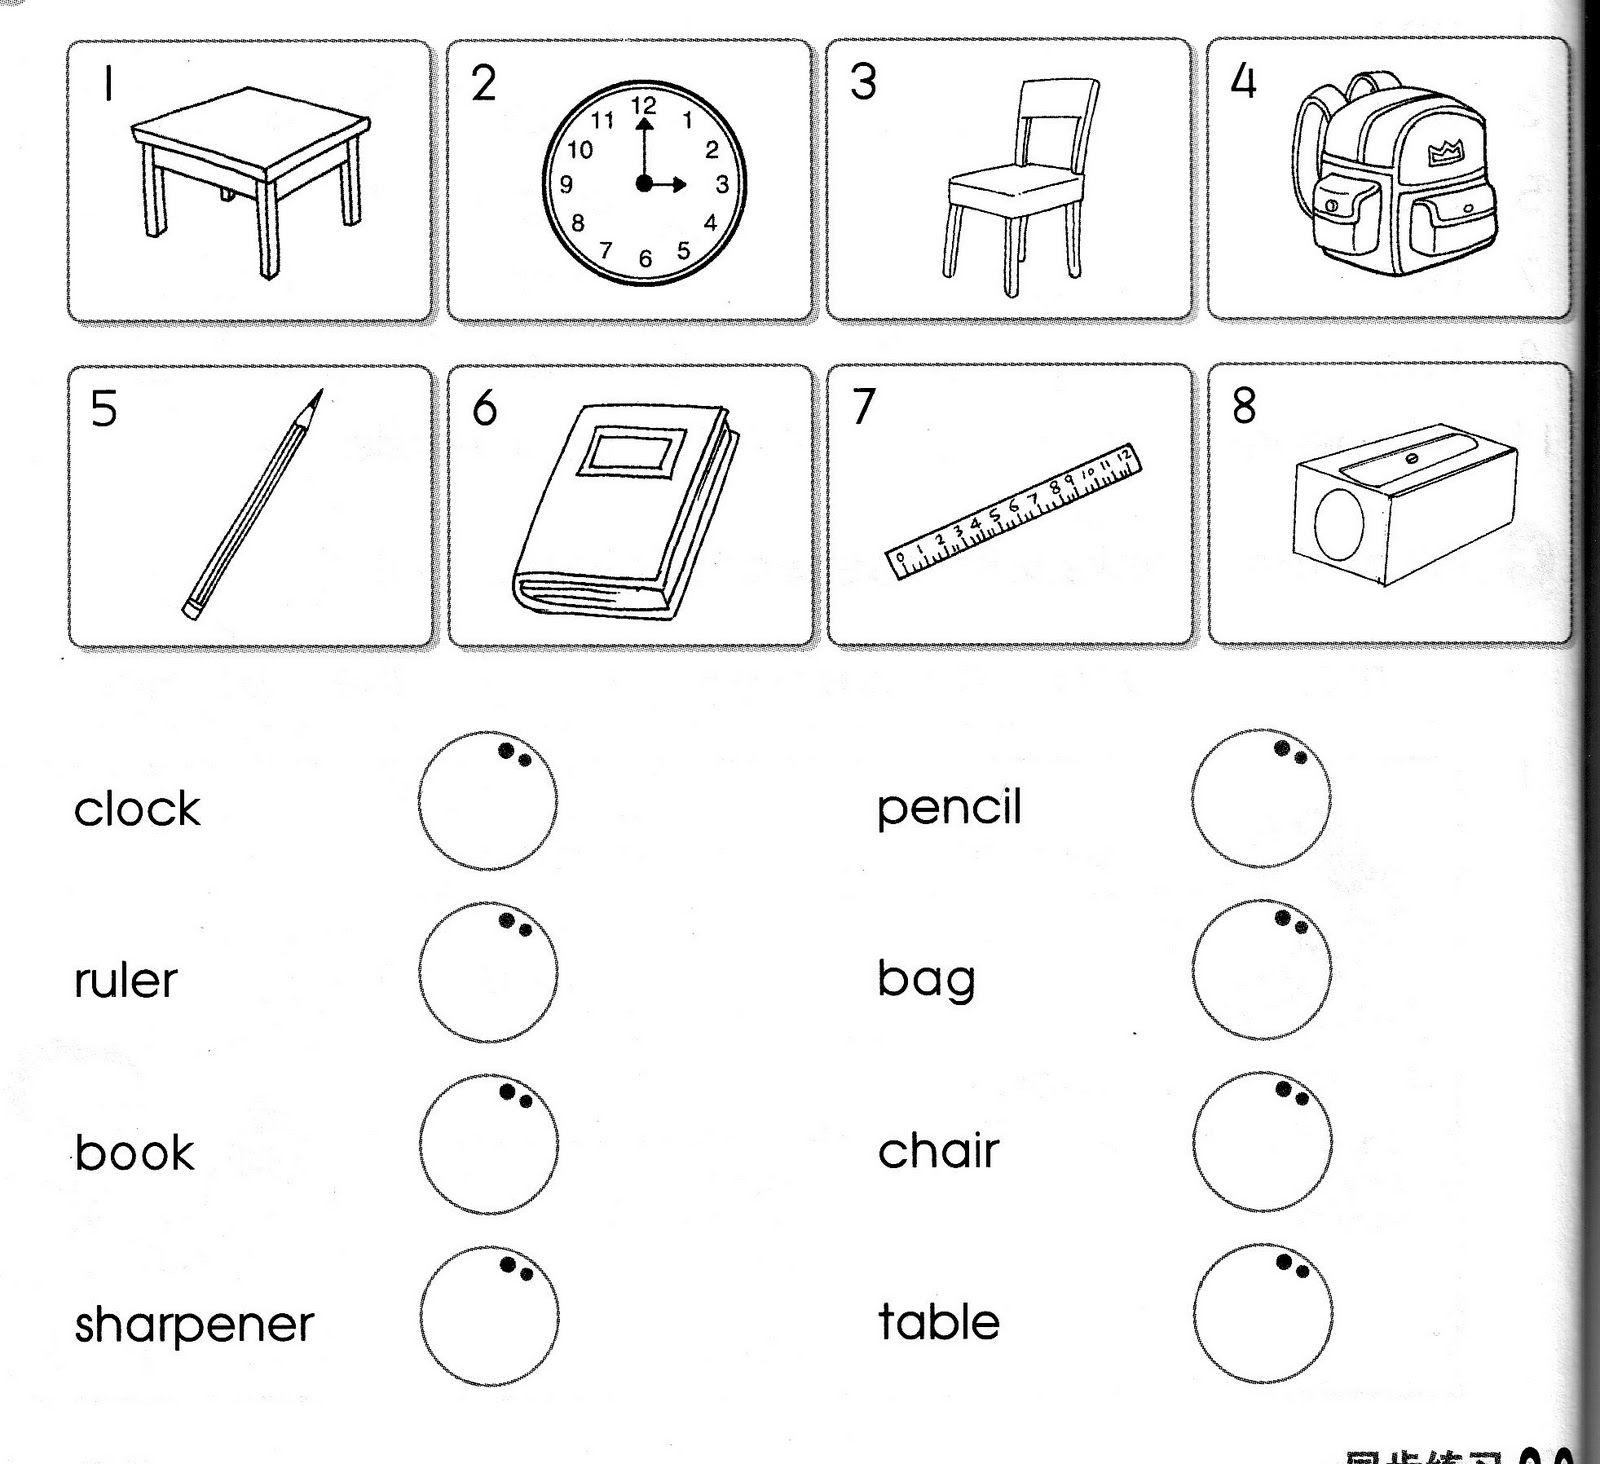 Worksheets Classroom Worksheets worksheet topic 2 my school things in classroom jpg my